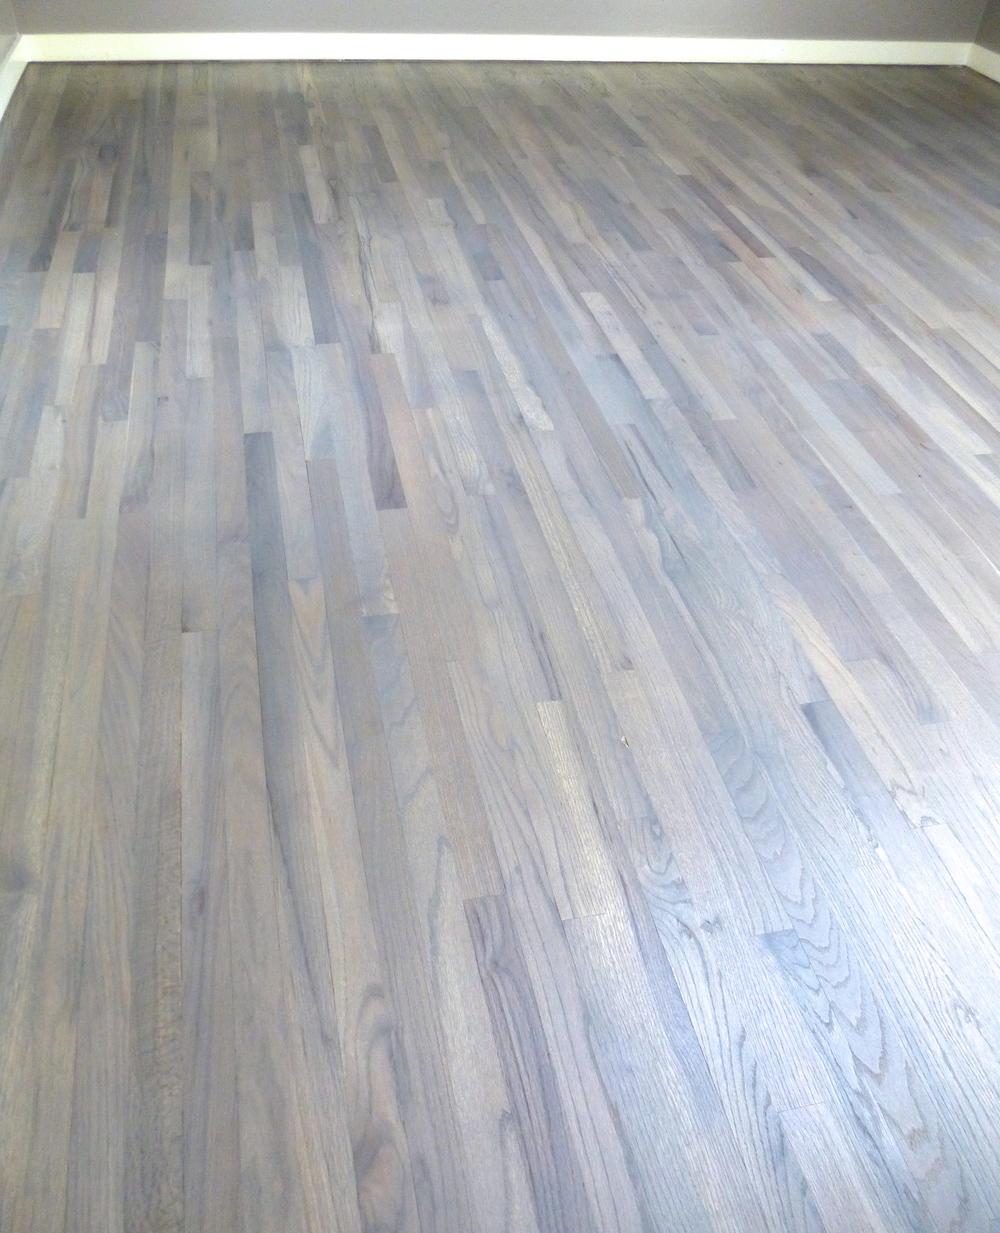 Red_oak_fumed_floor_bedrdoom_Eleonore.jpg